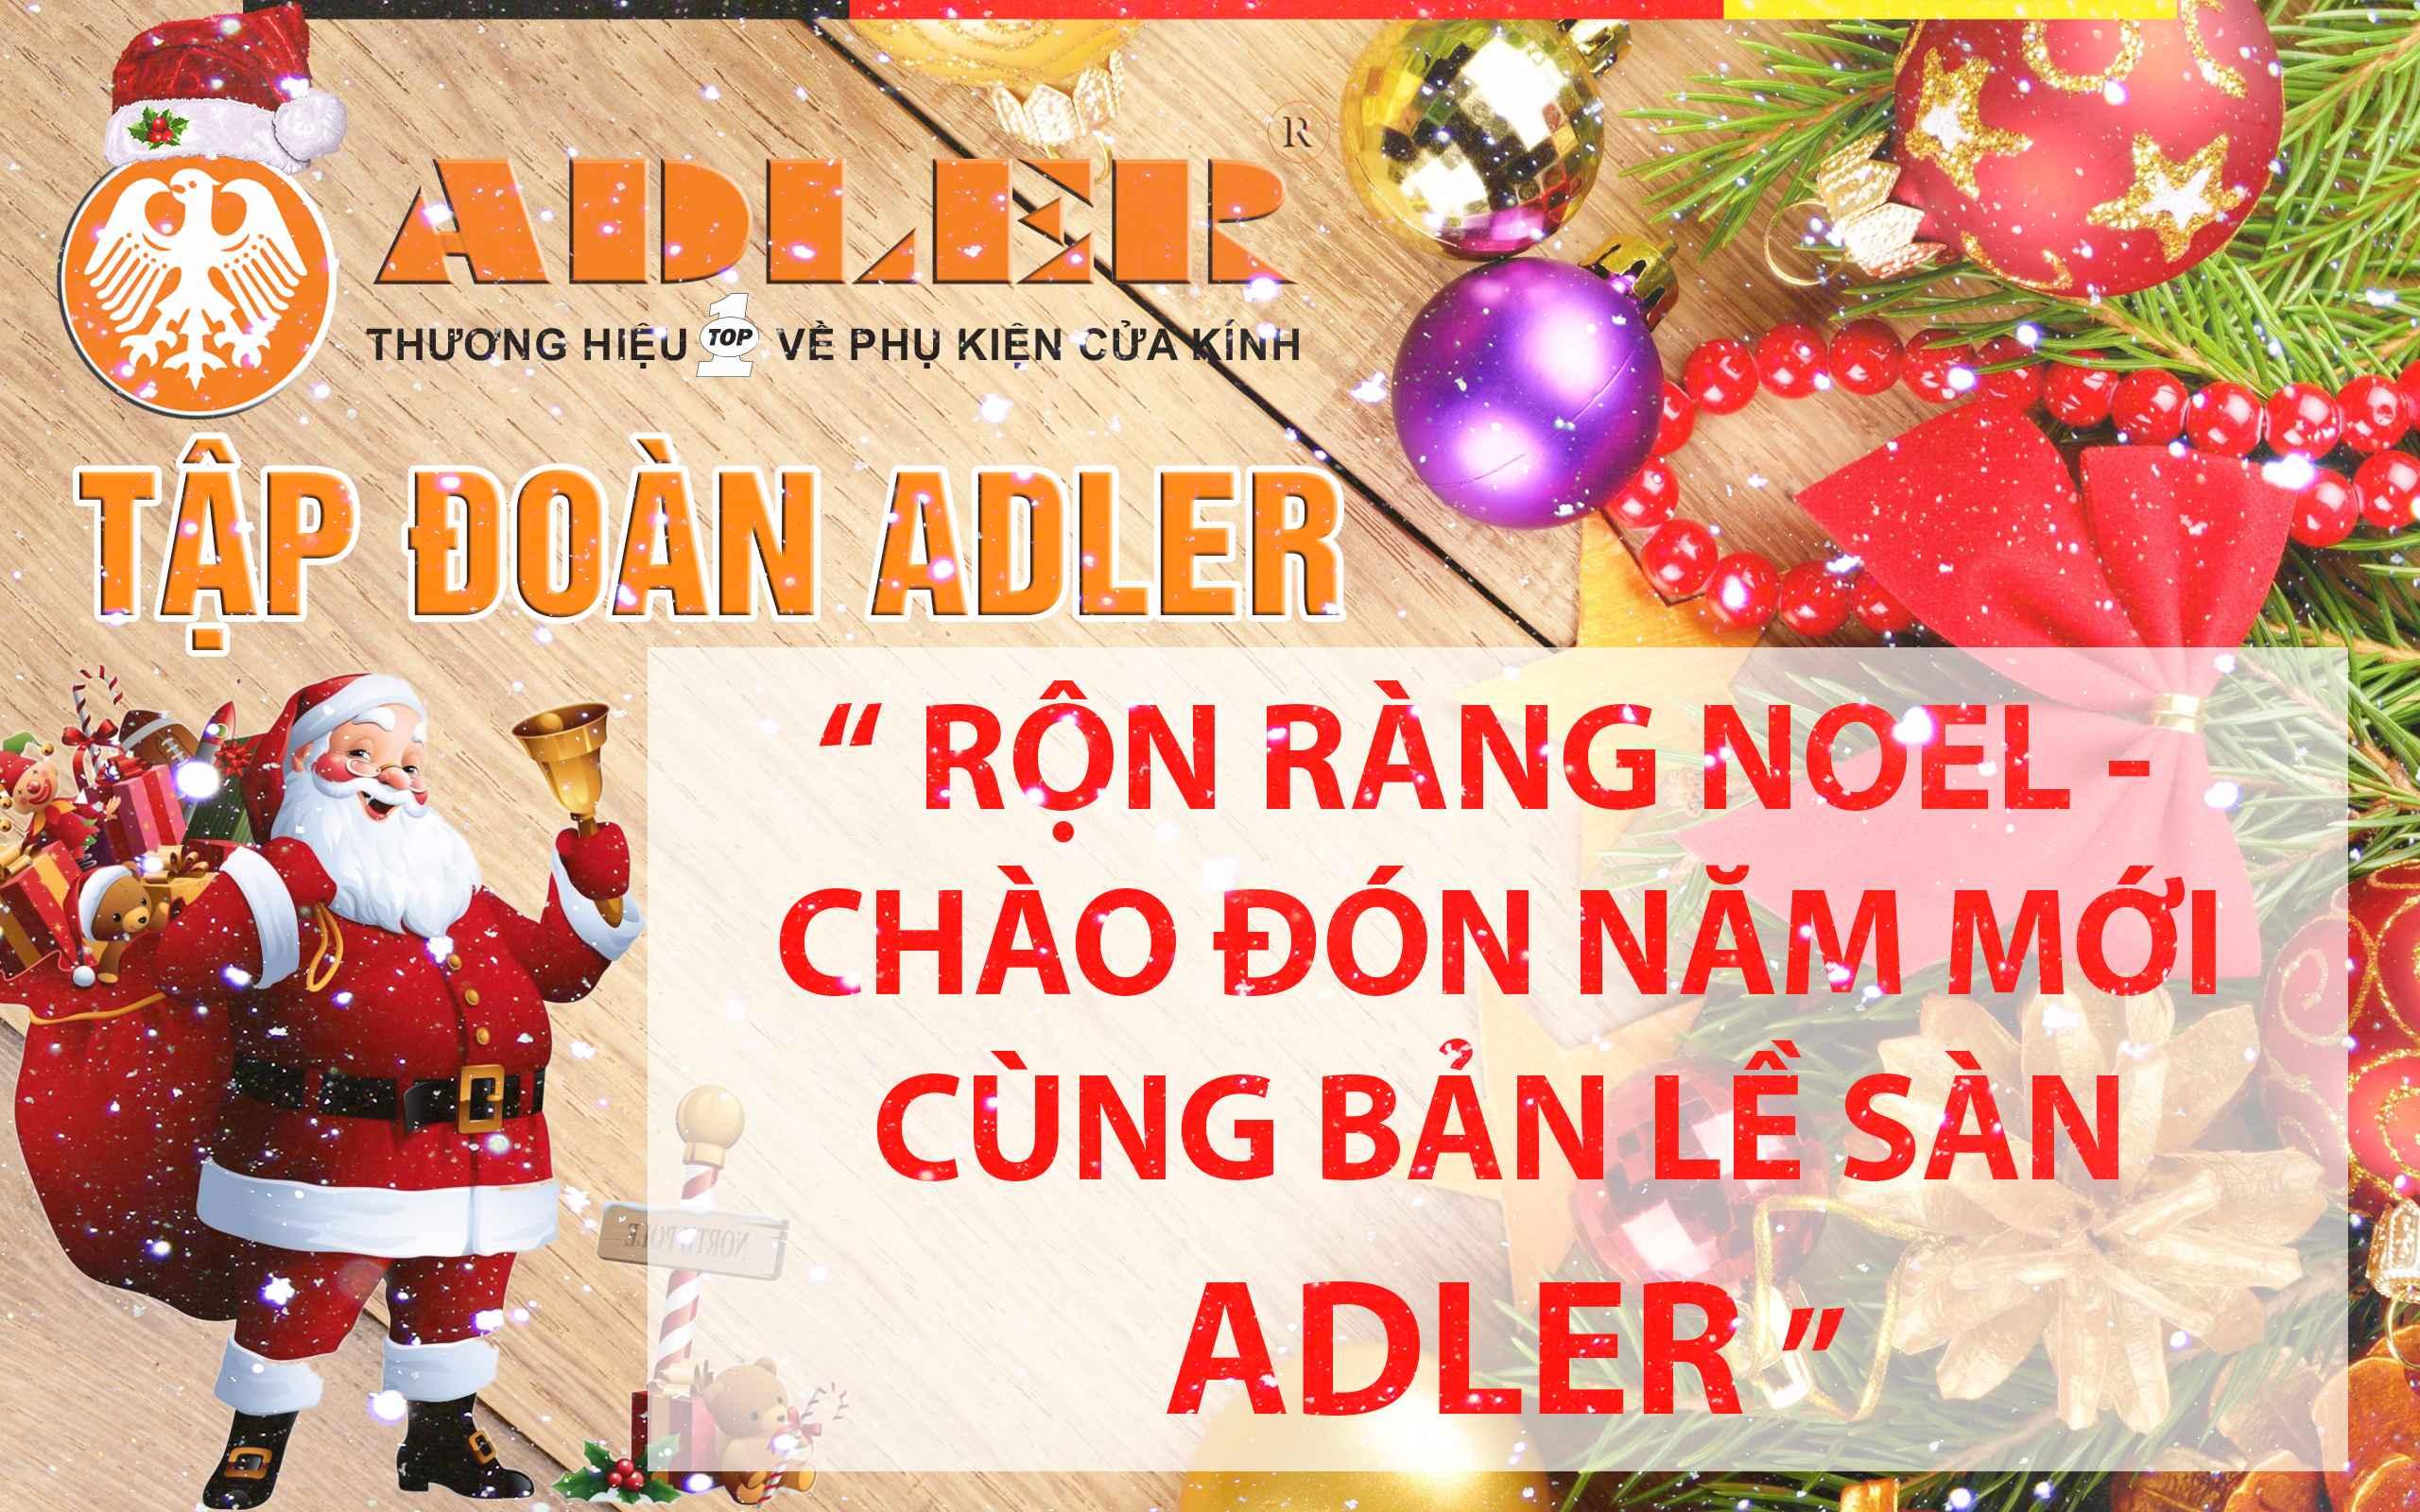 Cùng Adler đón chào Gíang sinh và Năm mới 2017